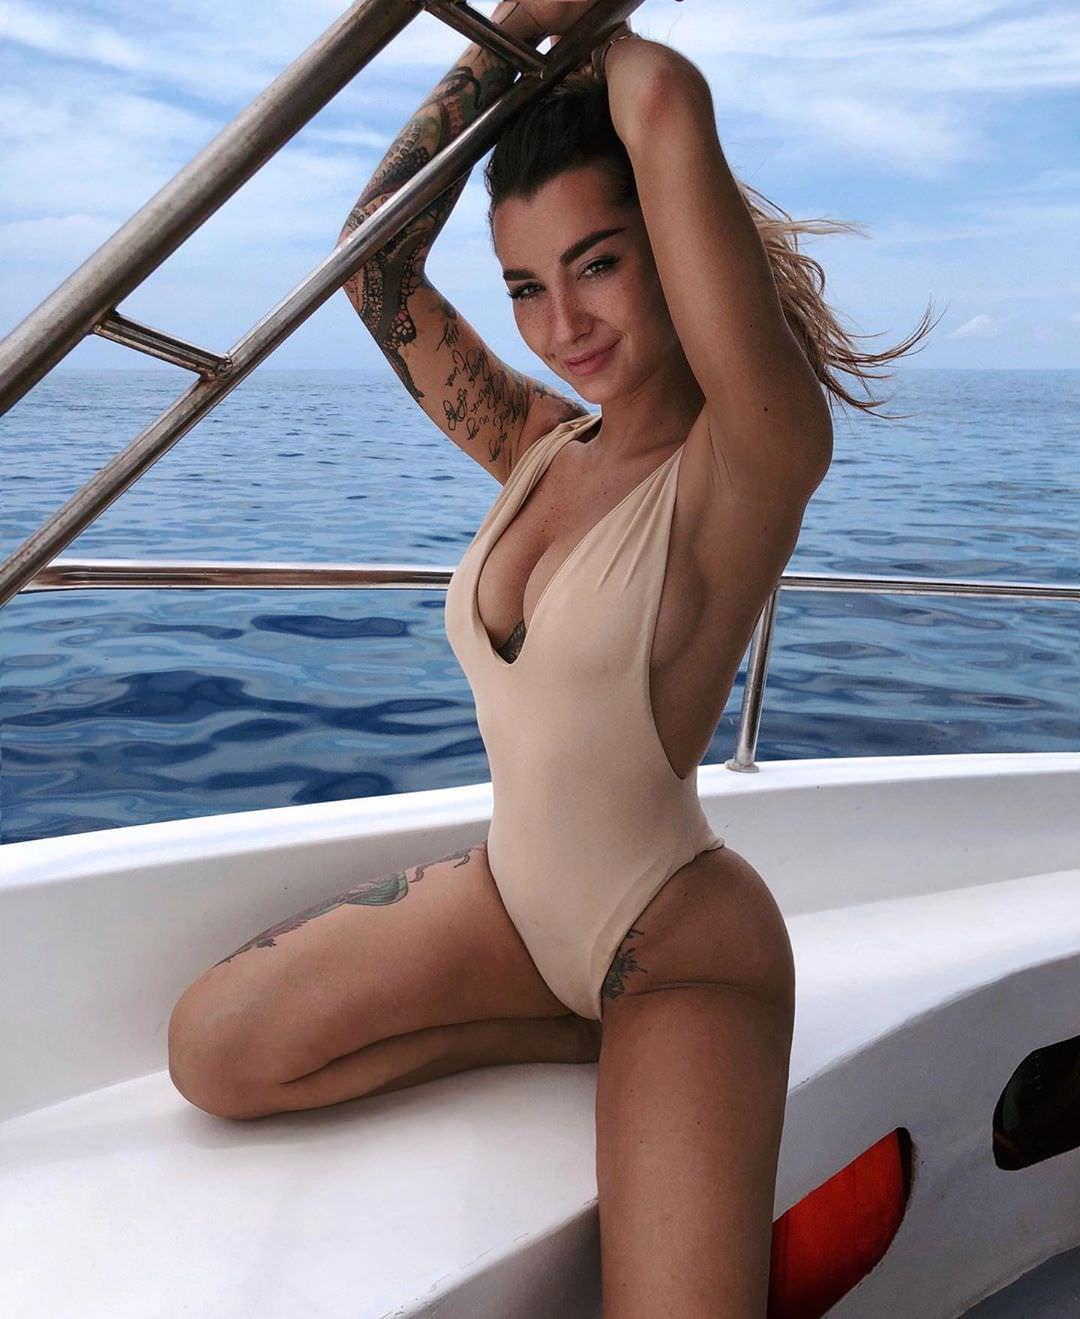 Анжелика Андерсон фото на яхте